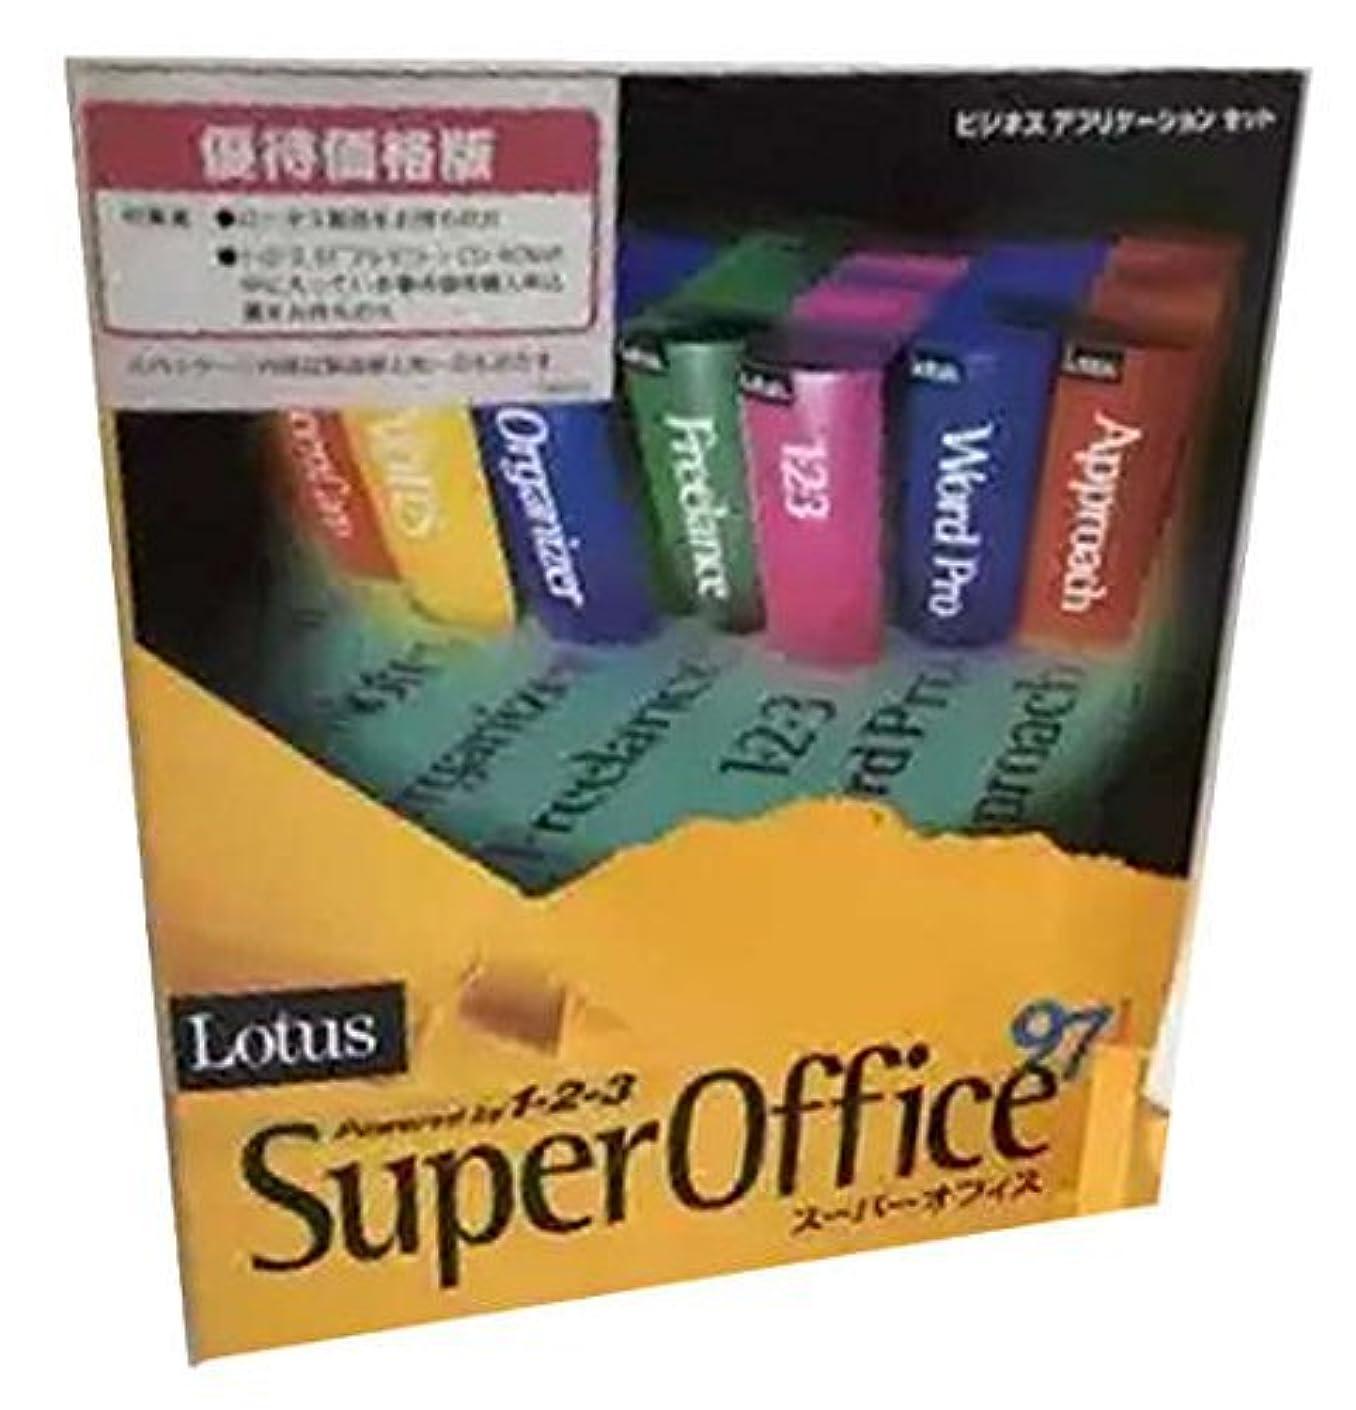 折有効所得ibm/ソースネクスト pcソフト LotusSuperOffice97 for Windows 95/NT オリジナルソフトケース [プレゼント セット]